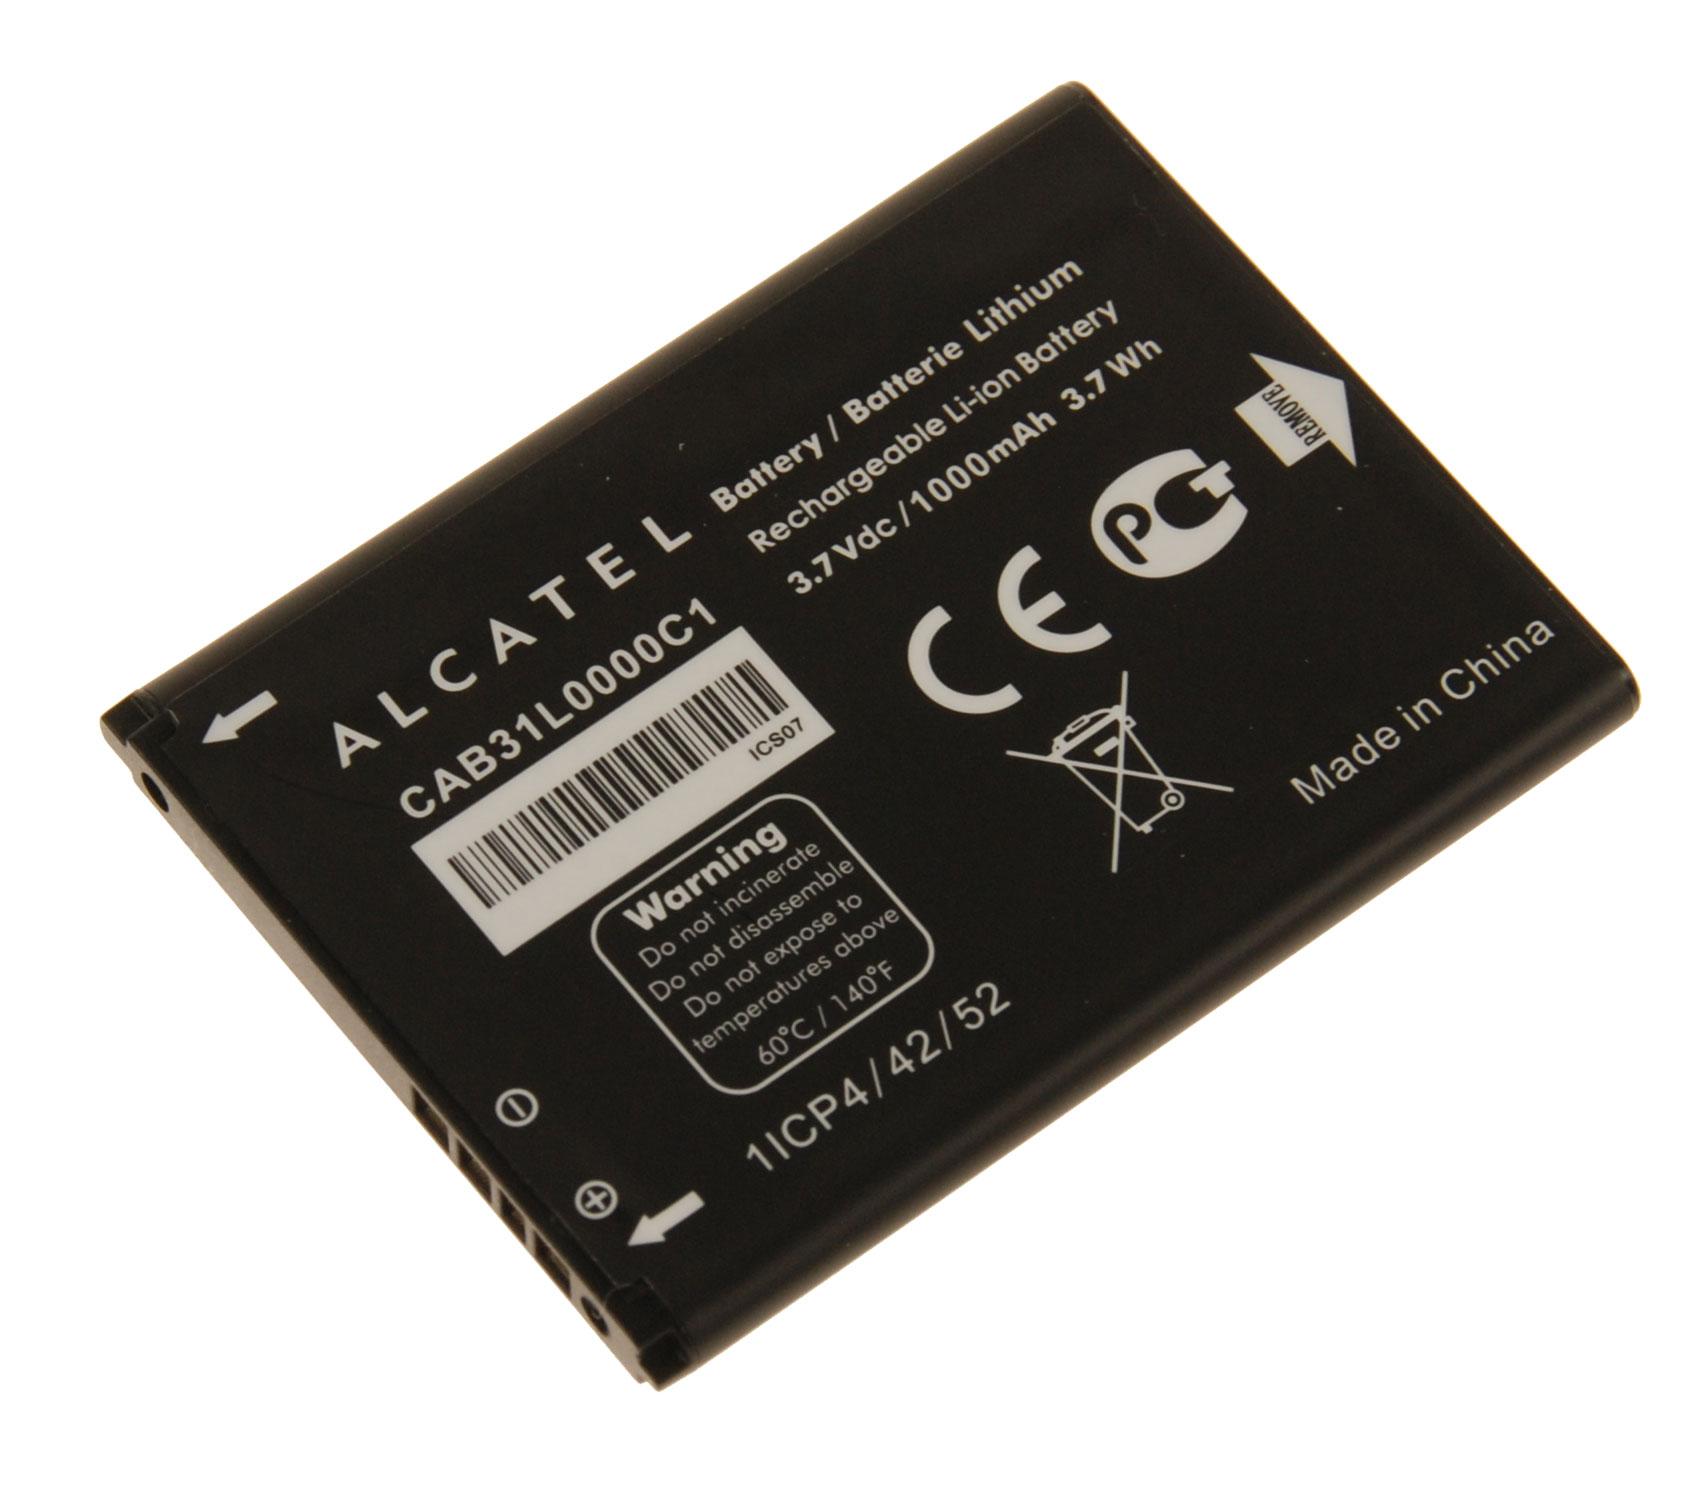 Originální baterie CAB31L0000C1 pro Alcatel One Touch 282/720D/3040D/2000X, 1000mAh